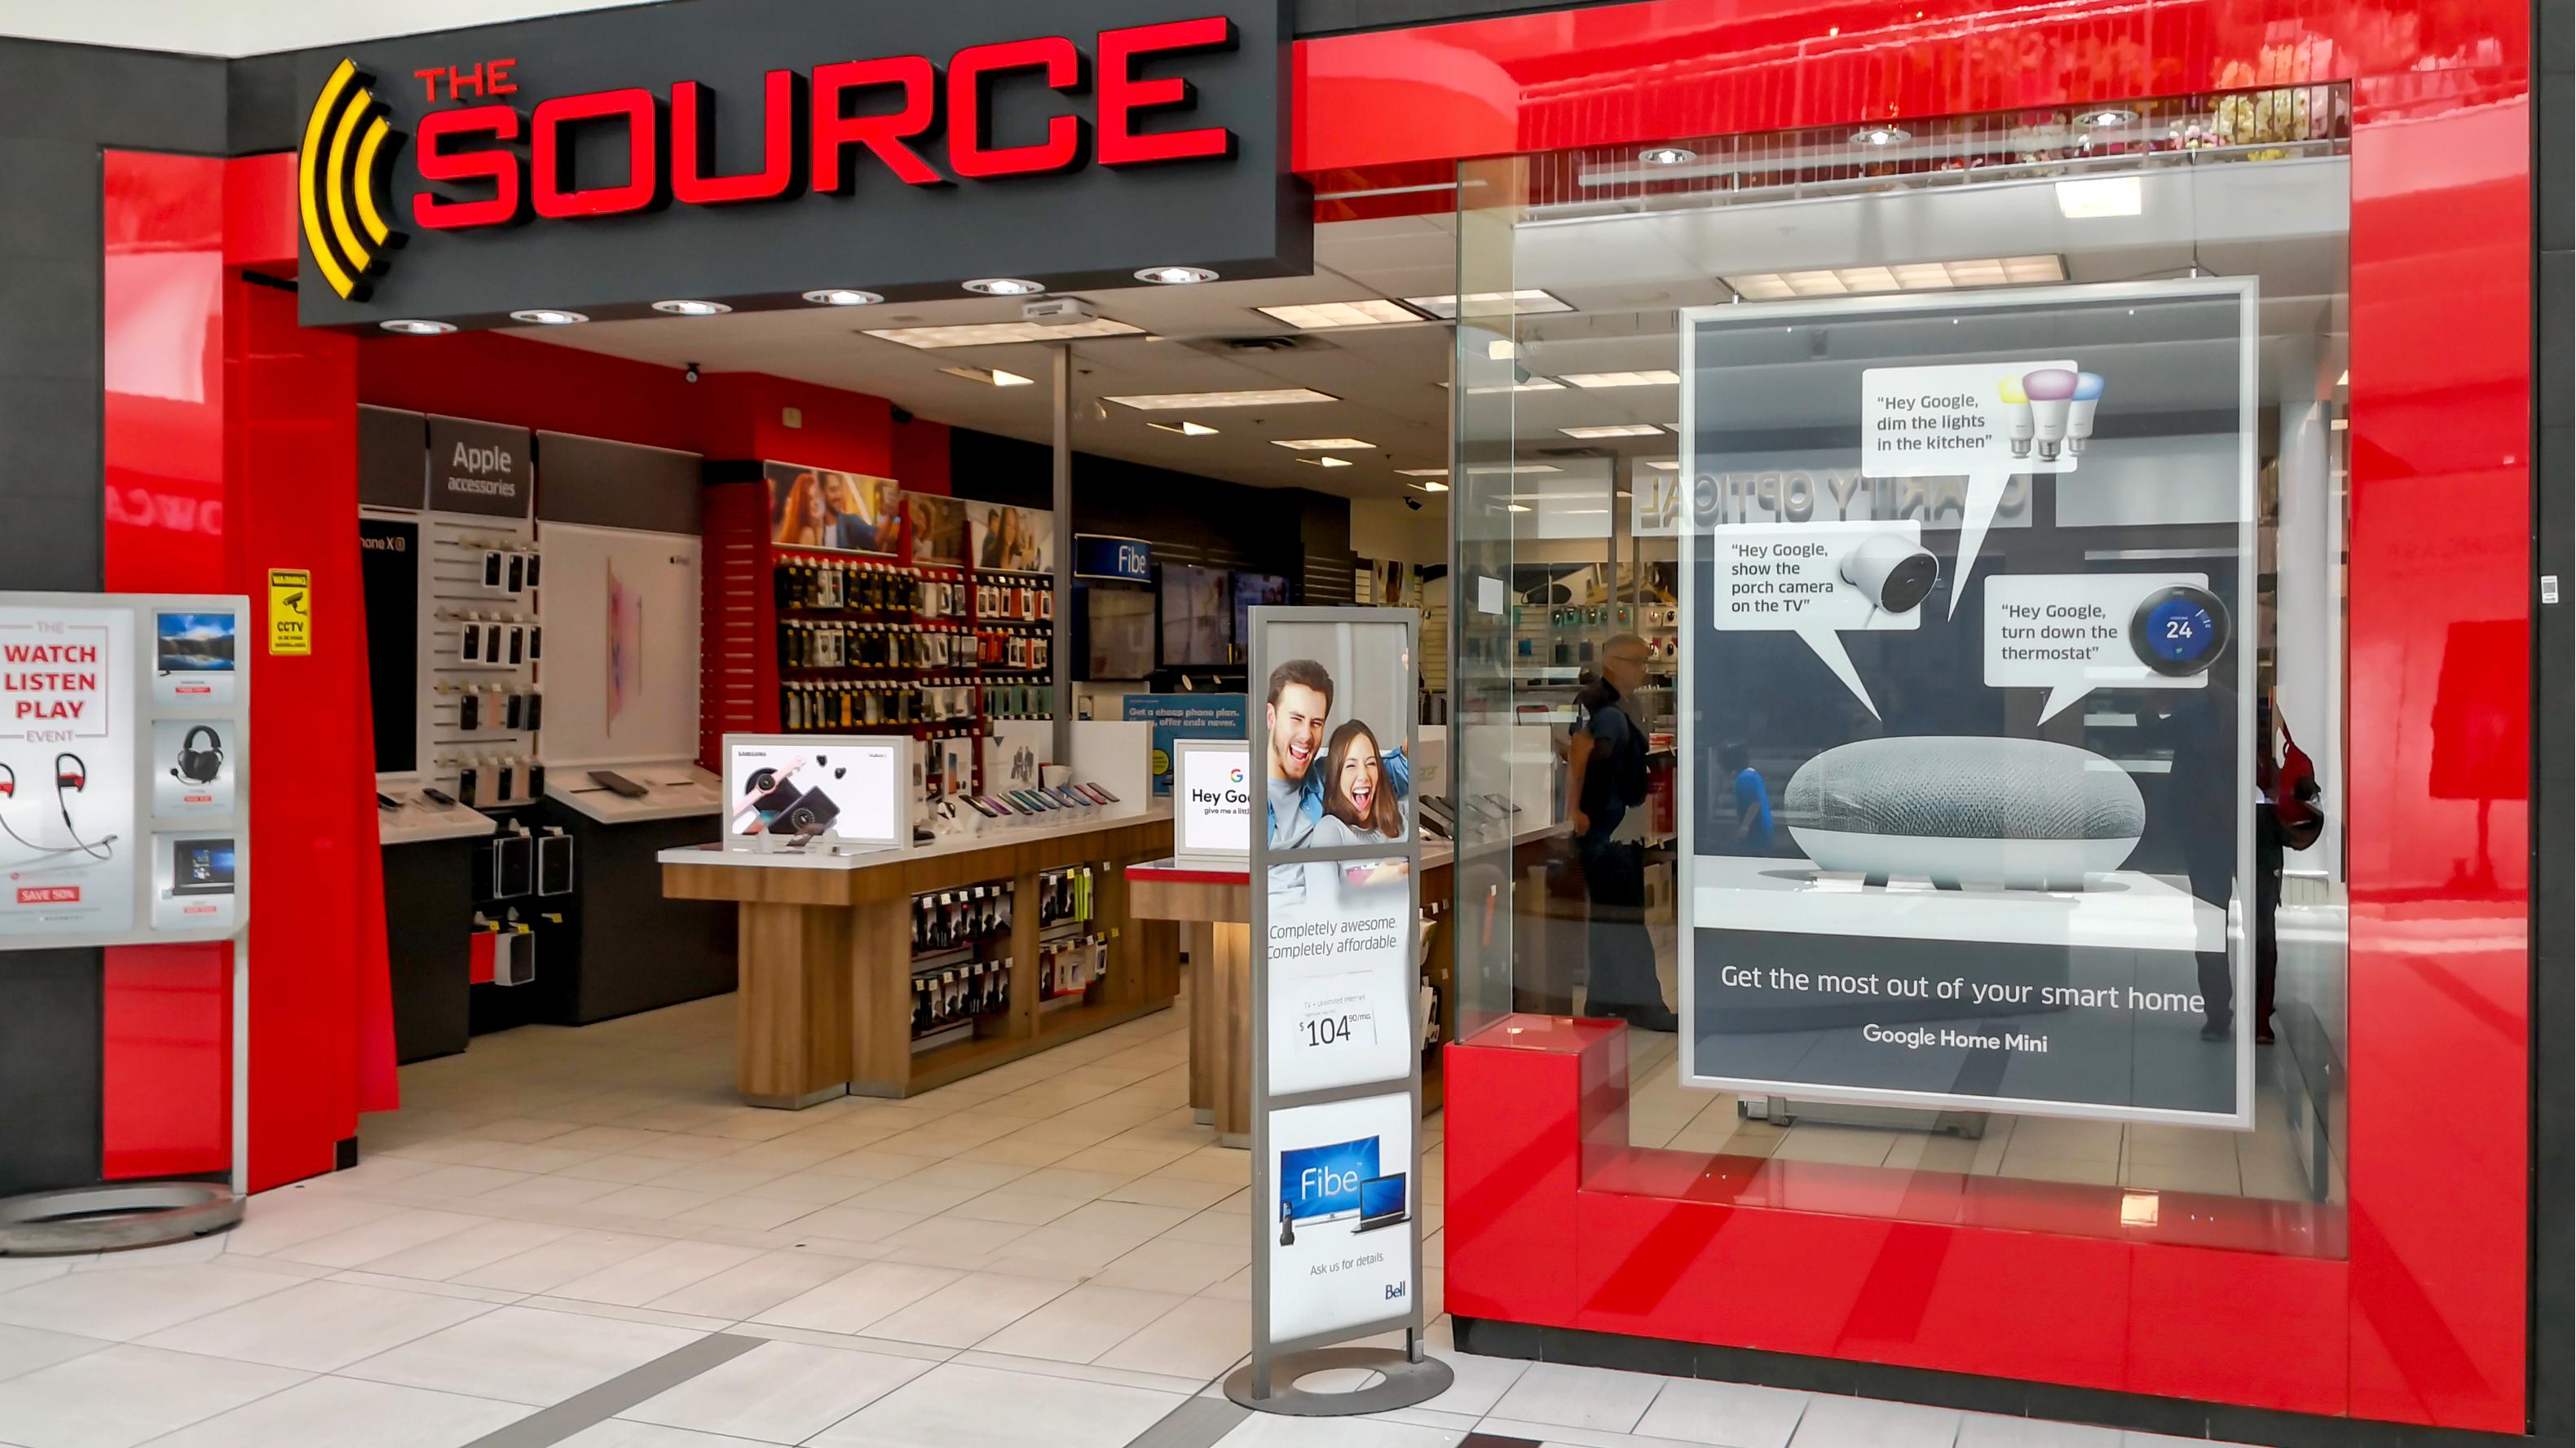 The Source tech retailer